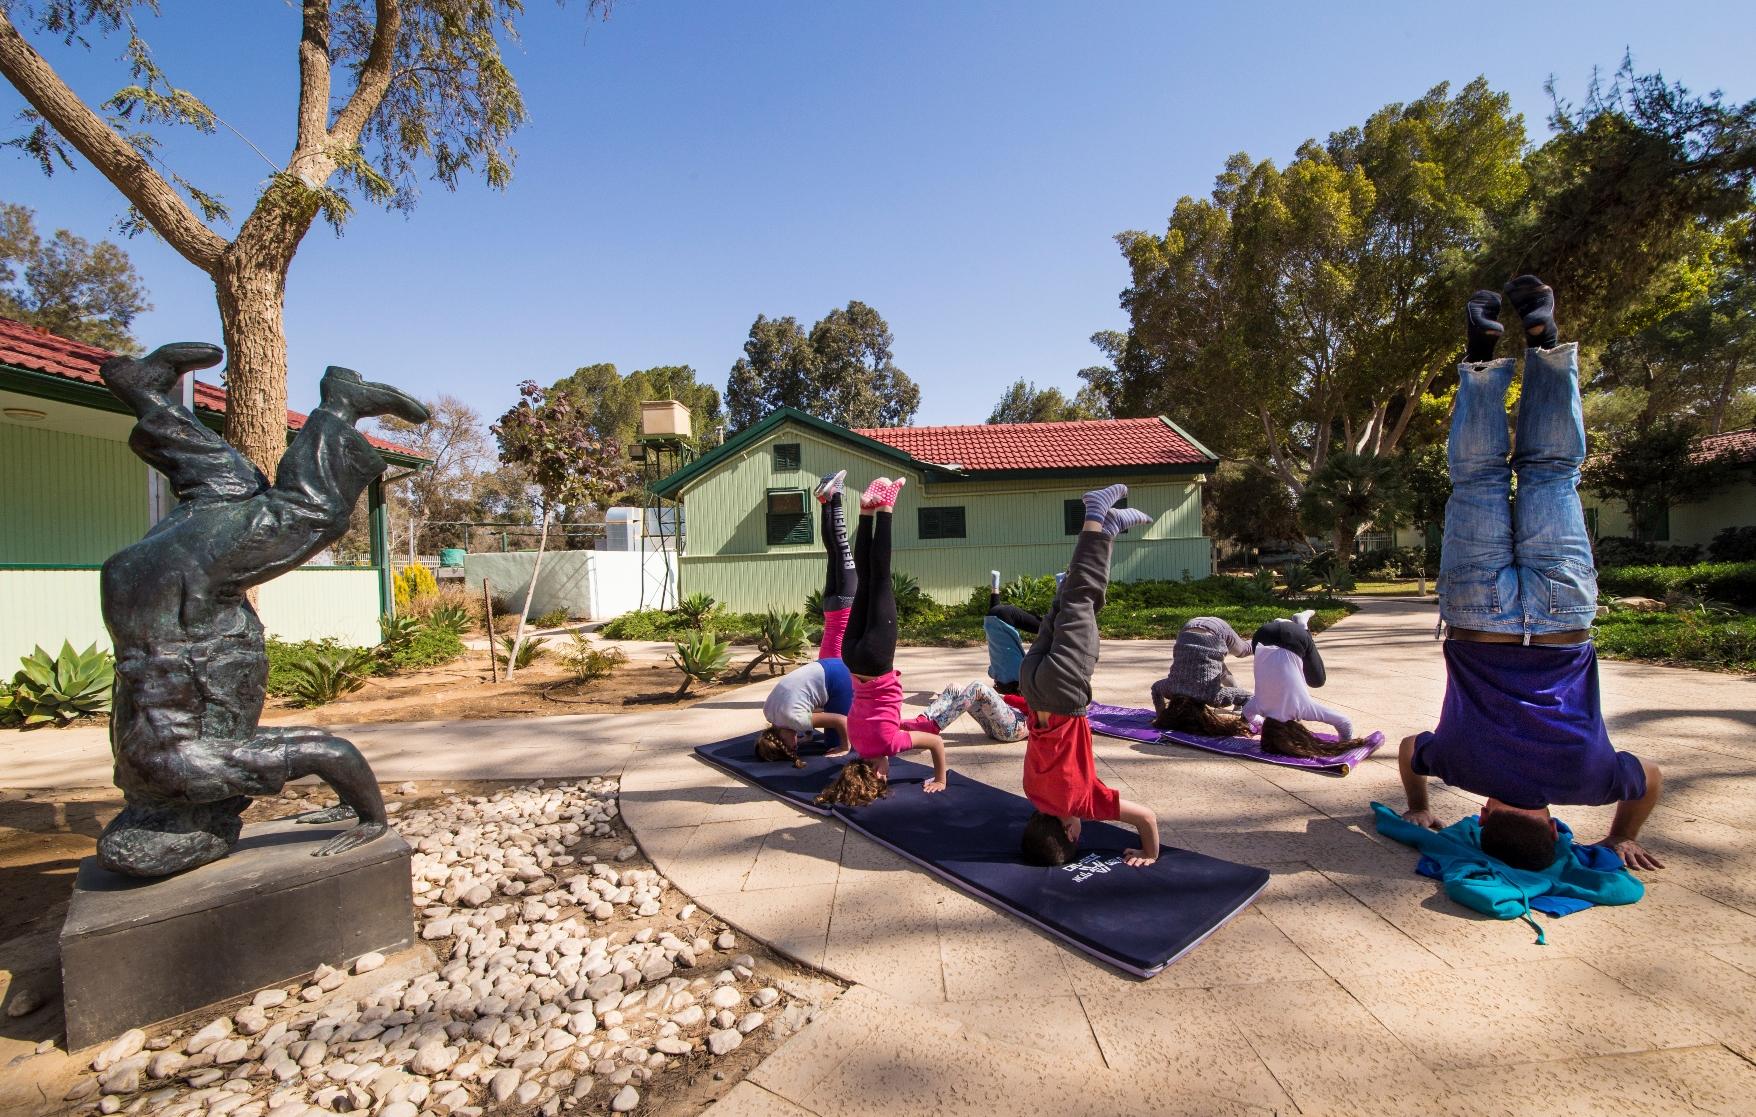 סדנאות יוגה בצריף בן גוריון (צילום: חנן אפשטיין)